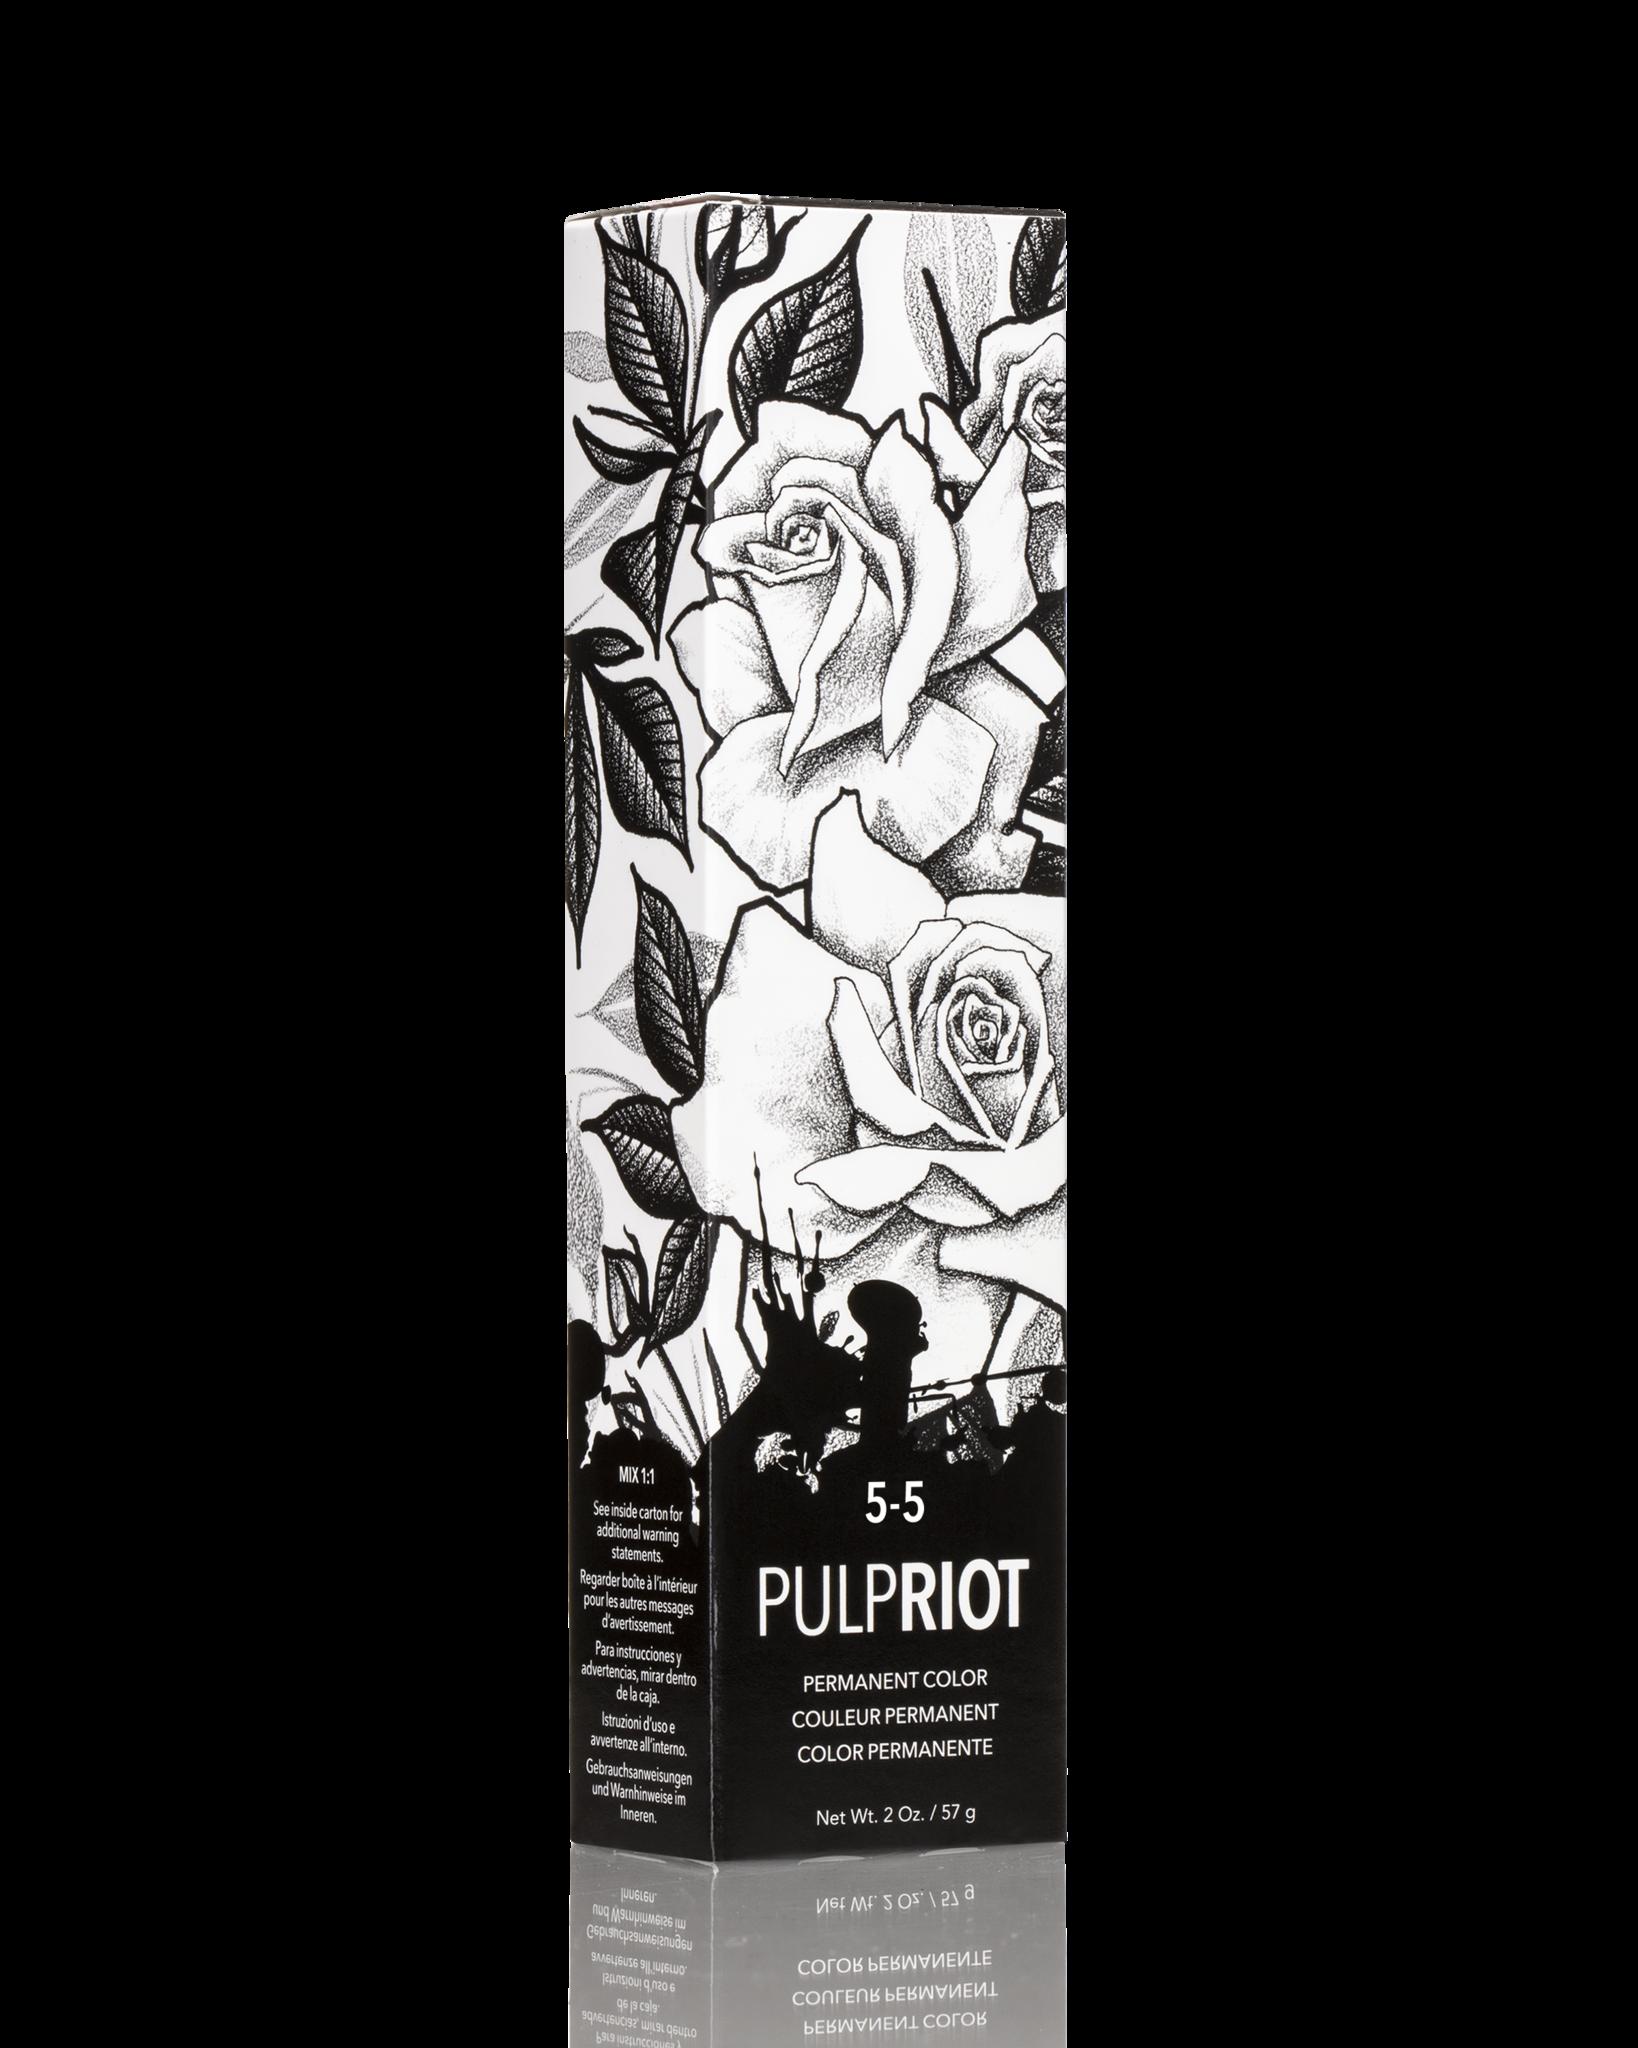 Pulp Riot PULP RIOT FACTION 8 ROUGE VIOLET/RED VIOLET 5-5